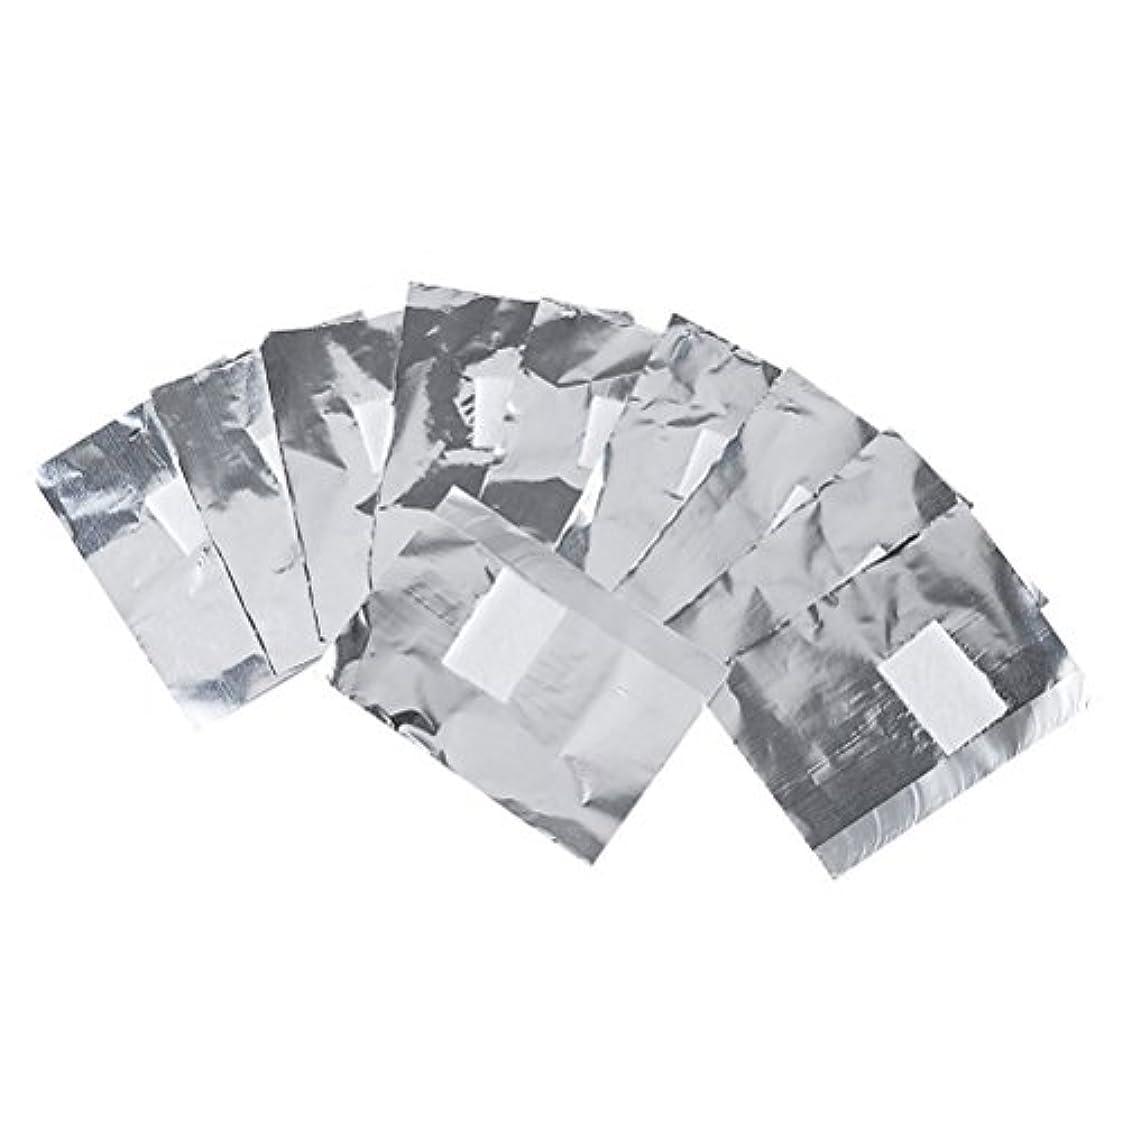 悲しいことに略奪投獄Frcolor ネイルオフ ジェルオフリムーバー アクリルUVジェル ネイルポリッシュをきれいにオフする ジェル 使い捨て コットン付きアルミホイル ネイル用品 キューティクル 200枚